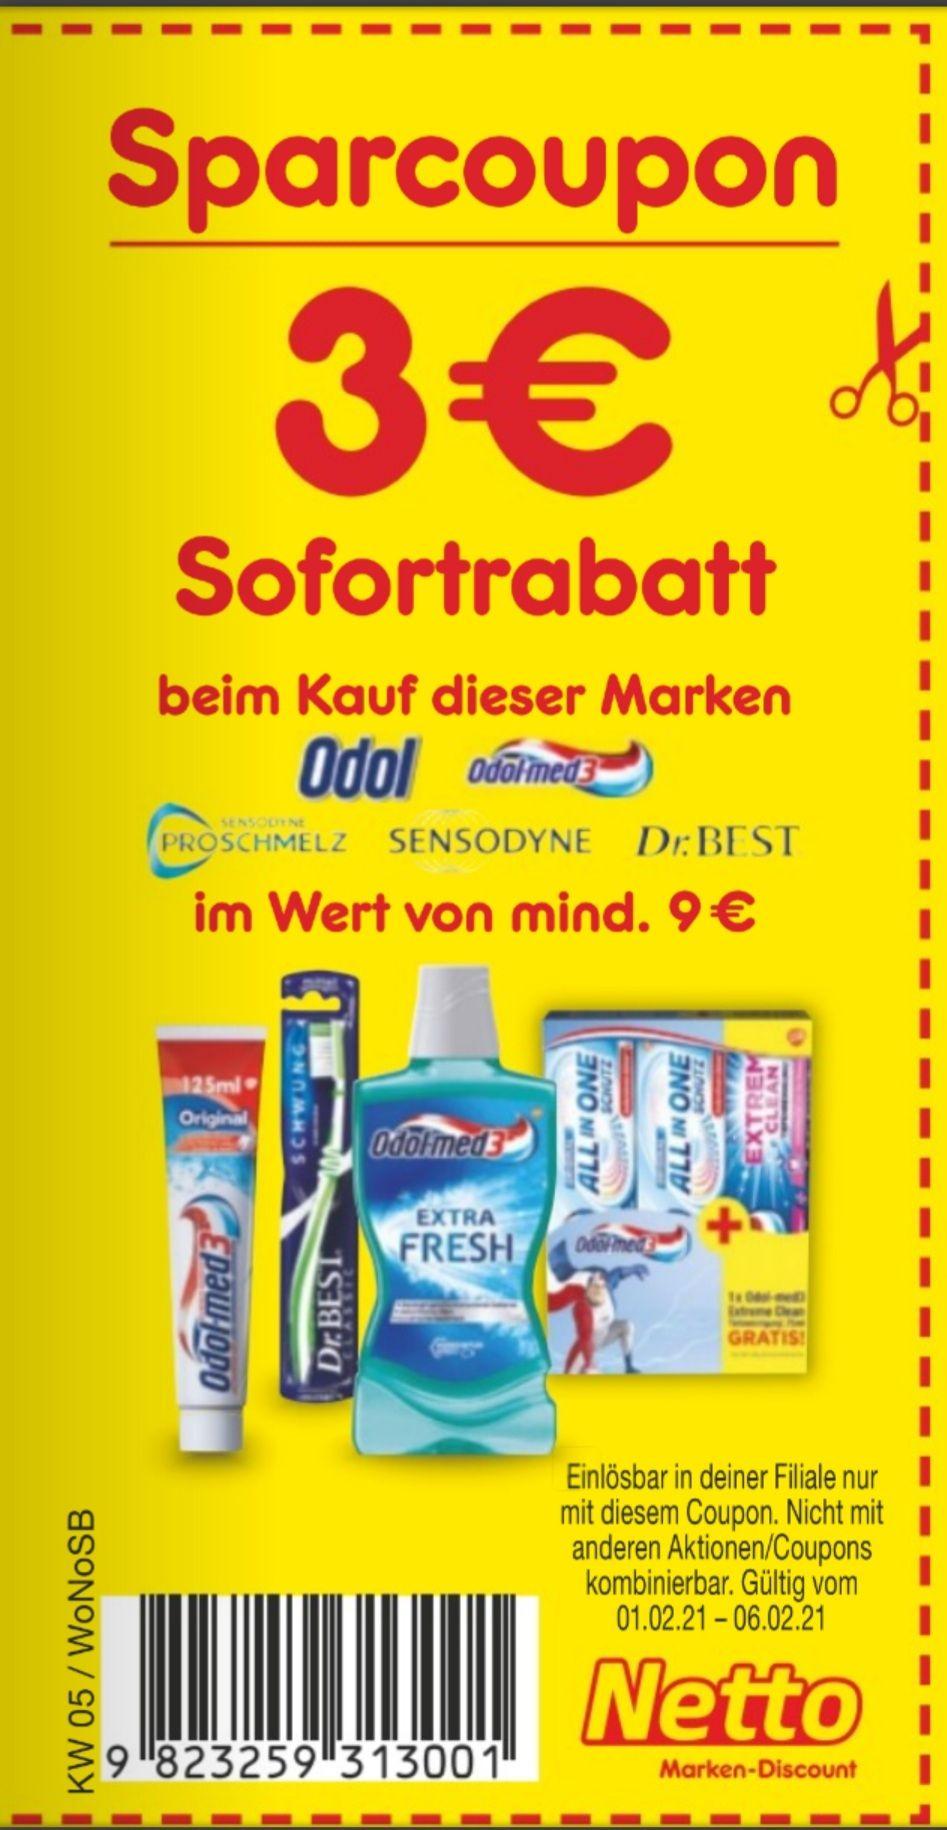 Odol Produkte von mindestens 9€ kaufen und Sofortrabatt von 3€ erhalten